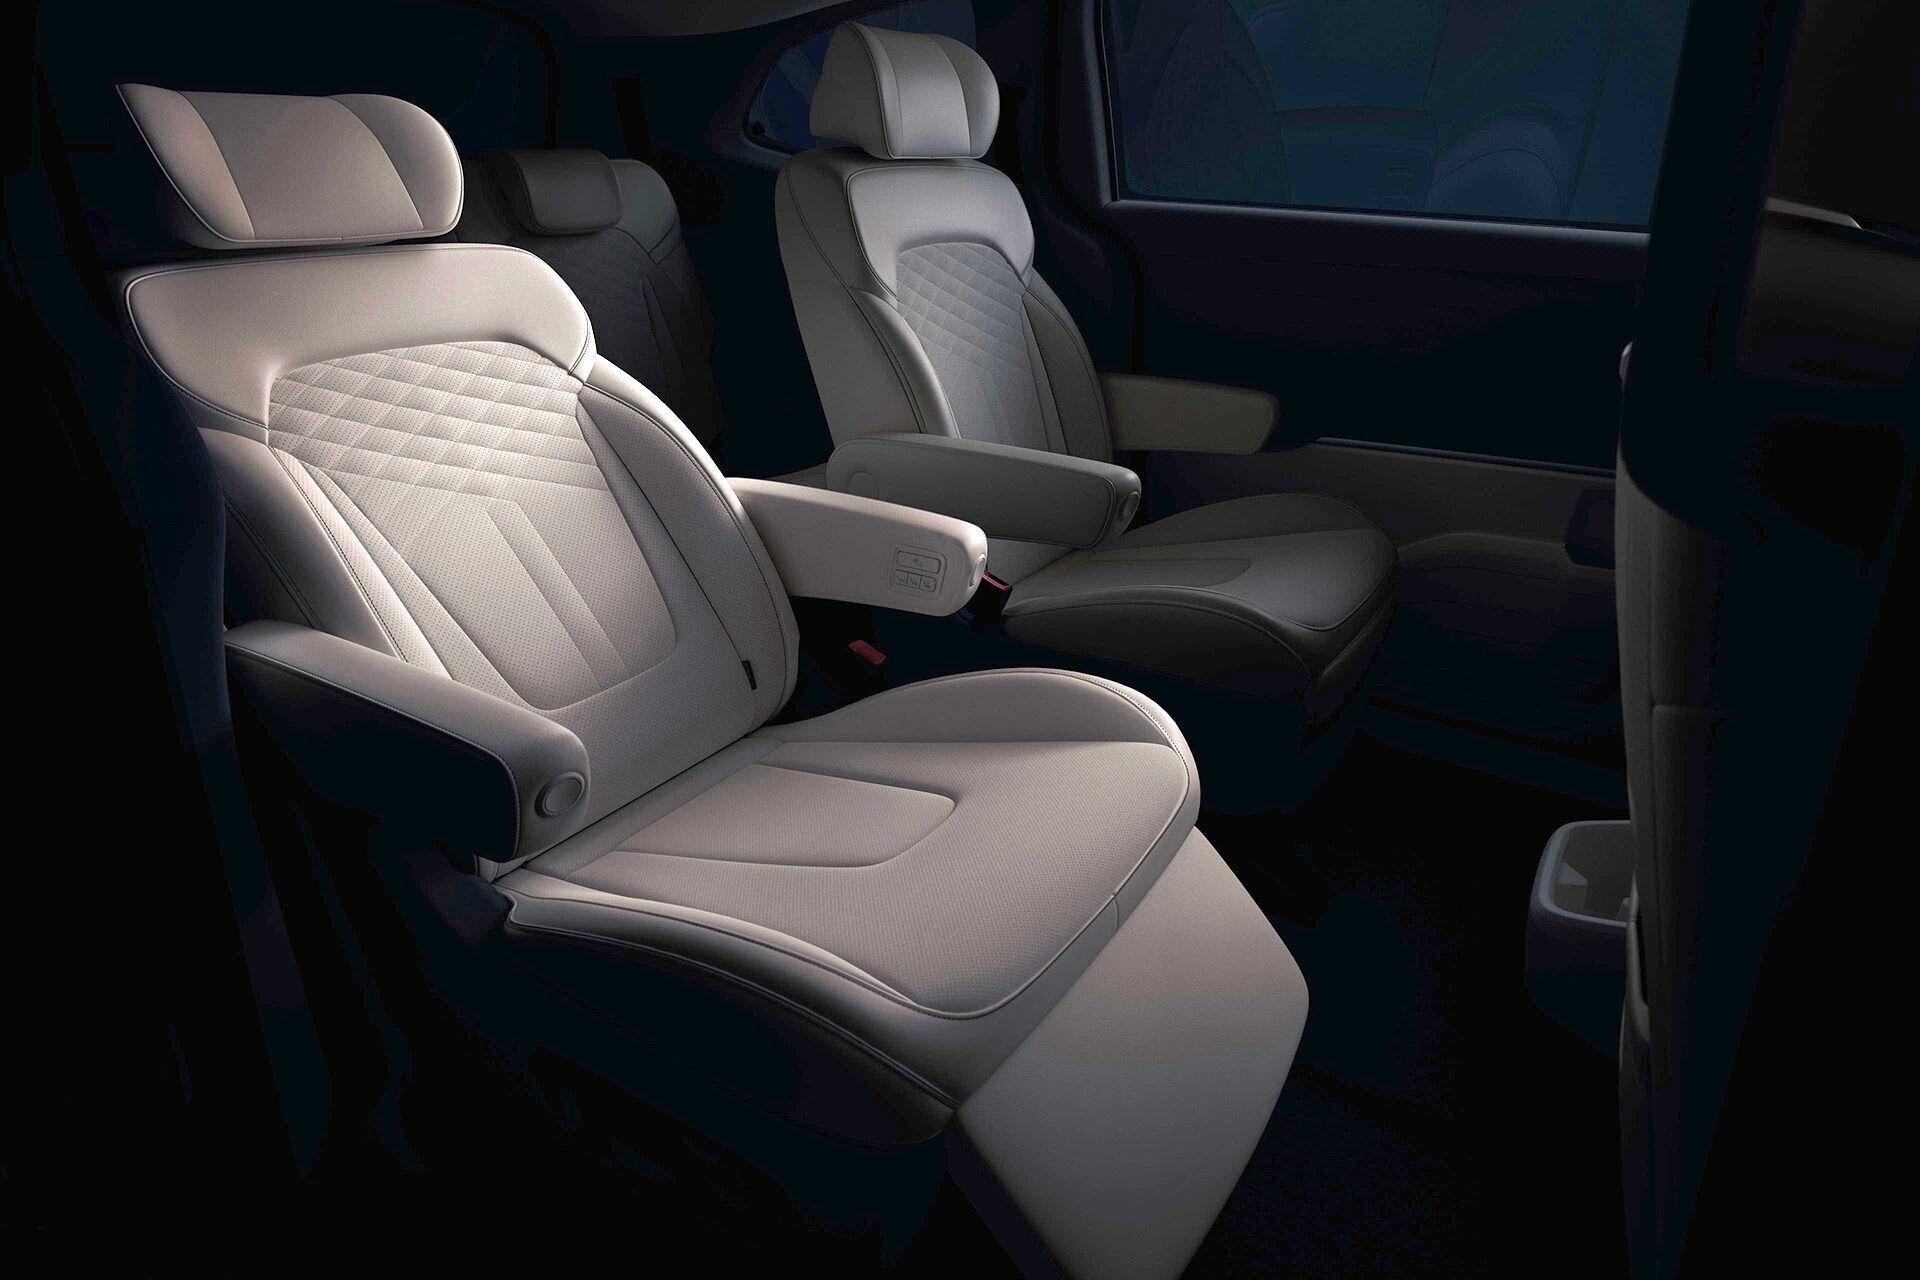 В 6-местном варианте вместо дивана второго ряда предлагаются два индивидуальных кресла повышенной комфортности